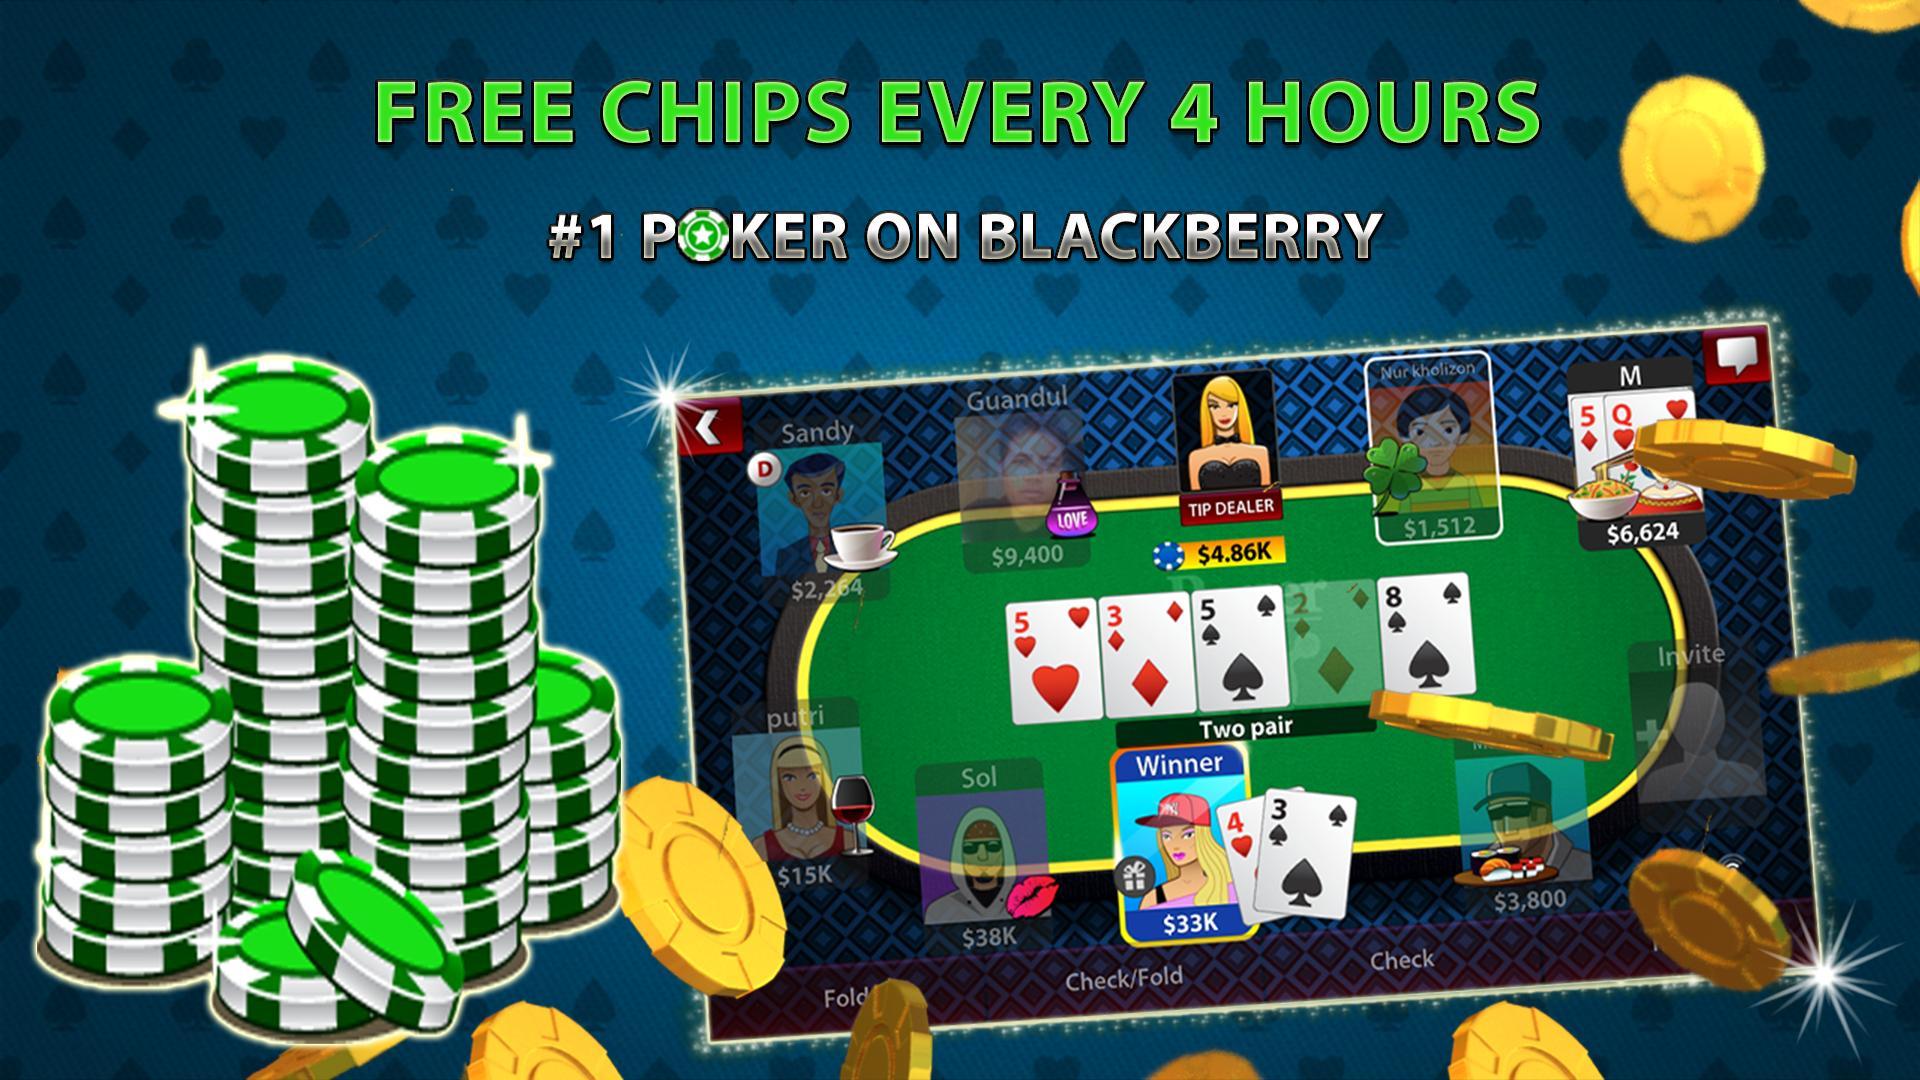 Texas Hold'em Poker Online - Holdem Poker Stars for Android - APK